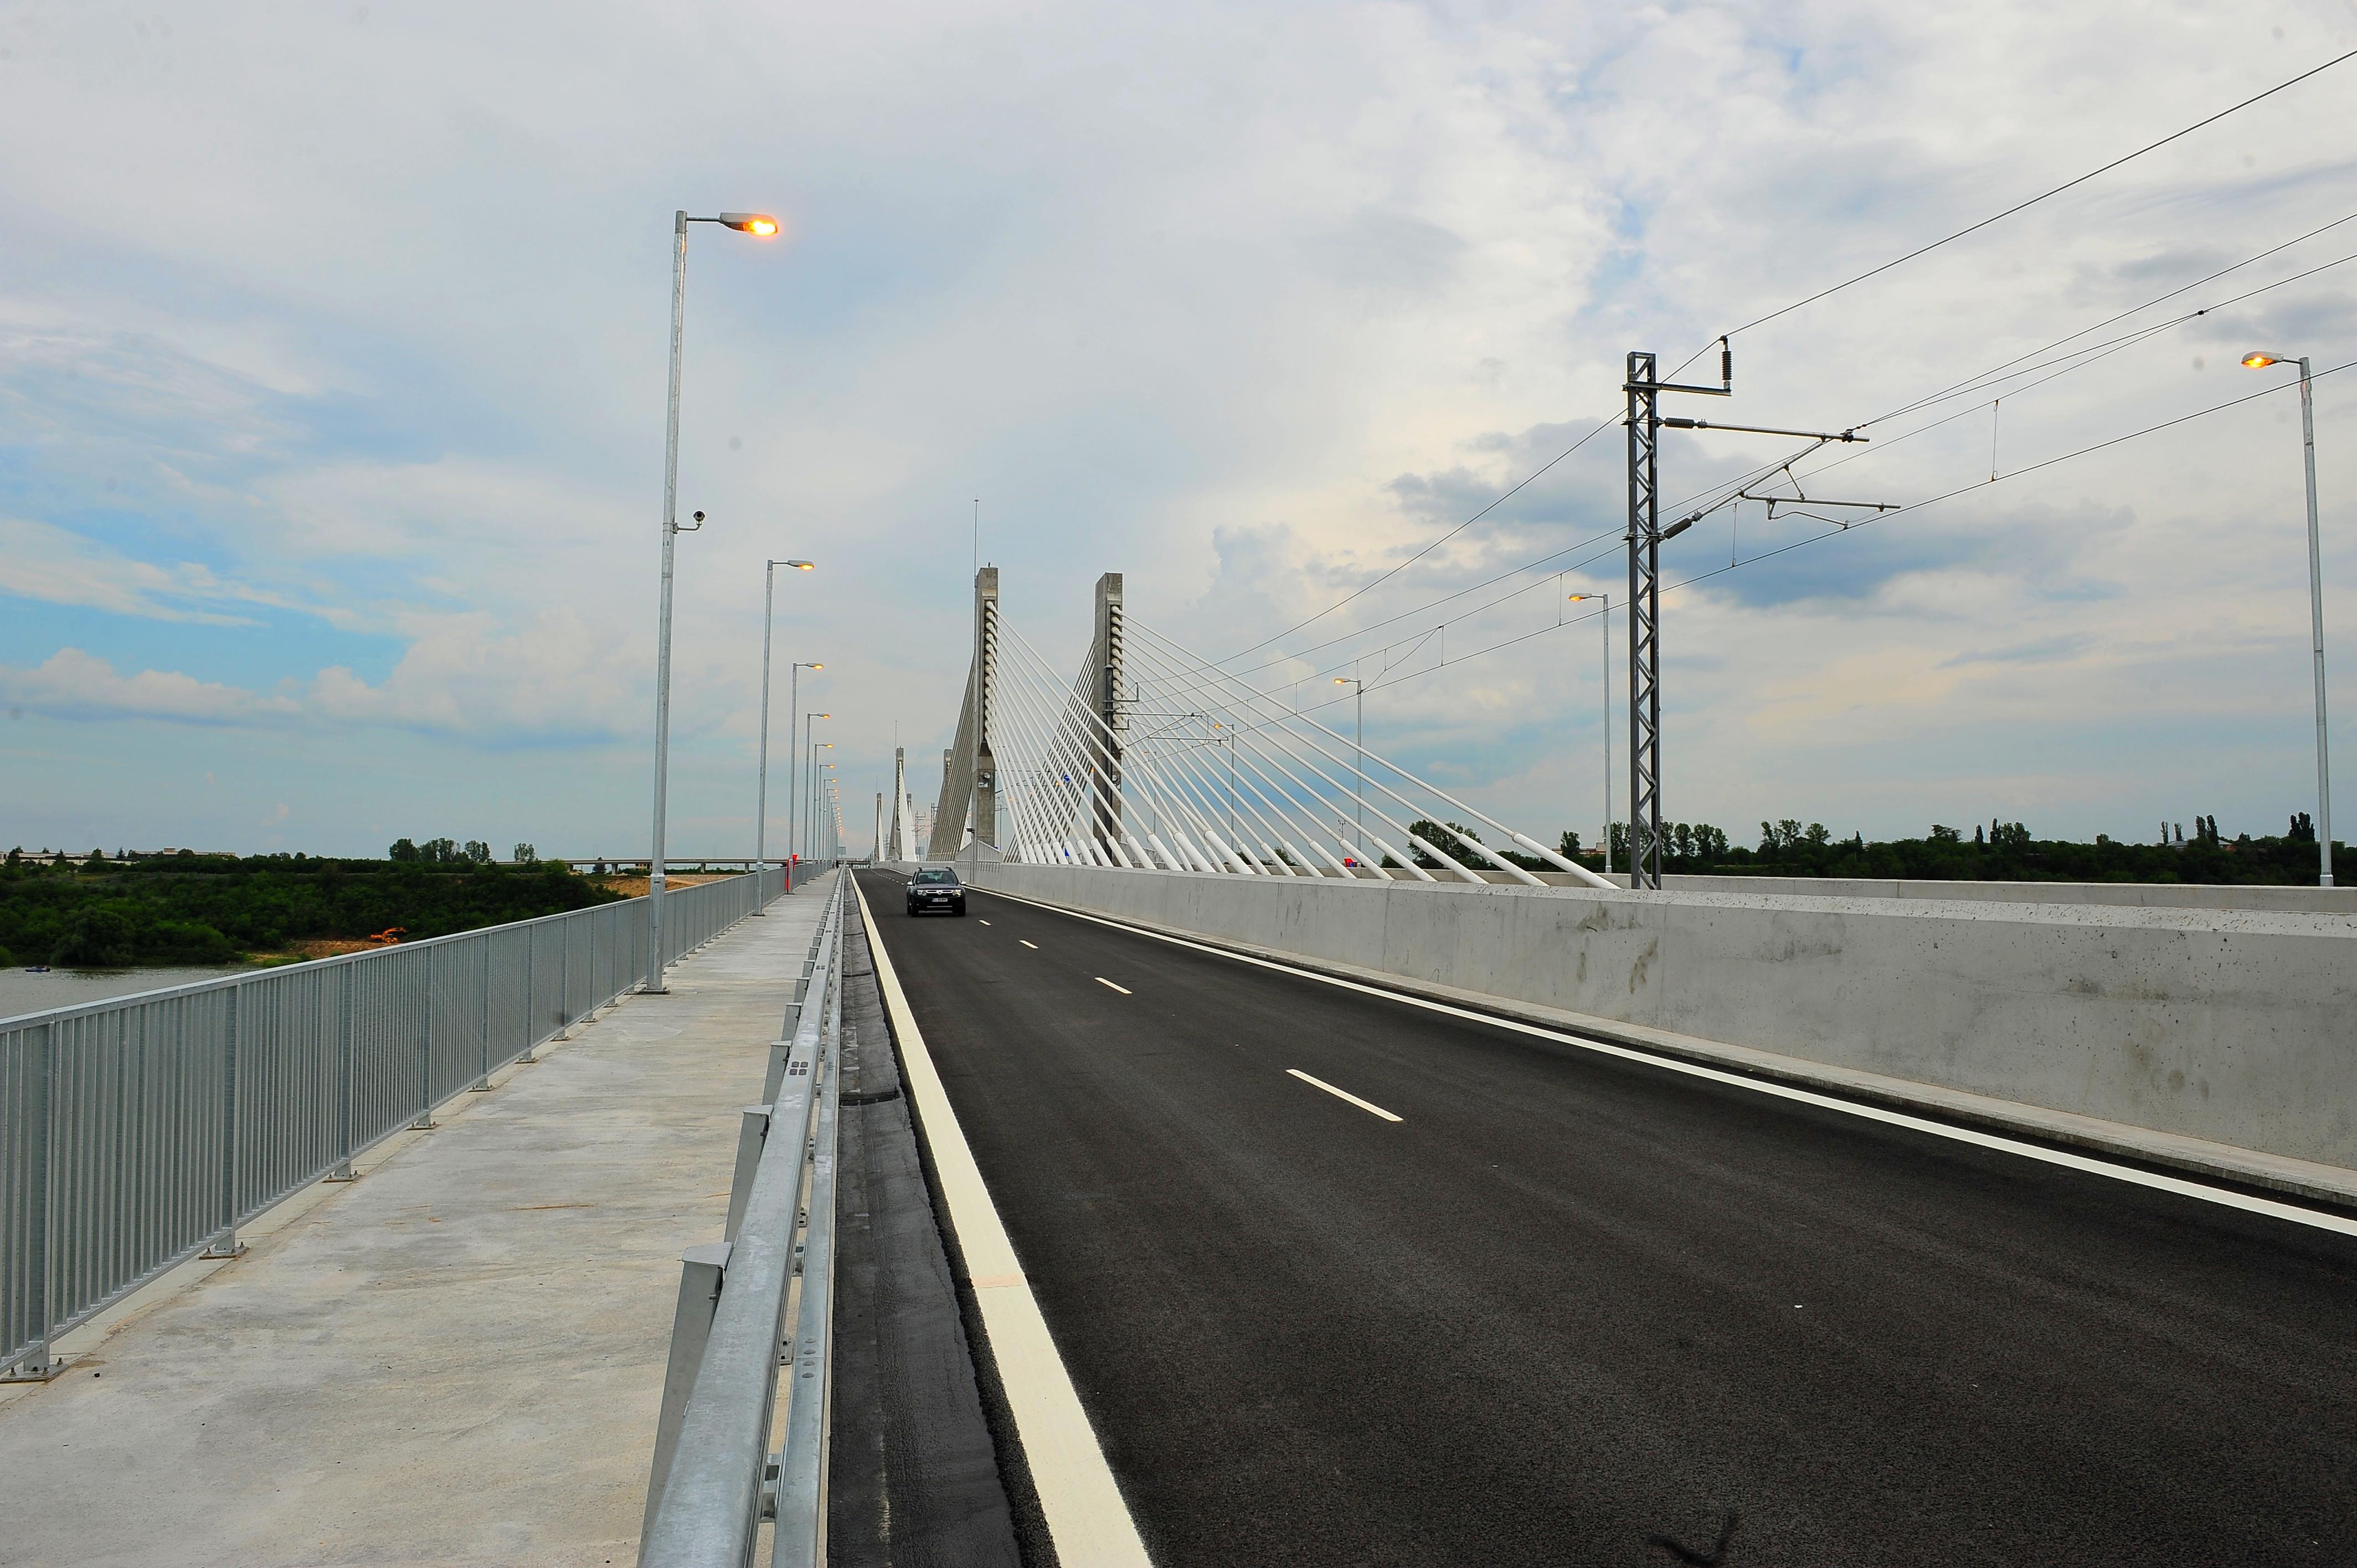 Oficialii bulgari: Podul Calafat-Vidin, inaugurat acum 4 luni, are circa 20 de probleme majore